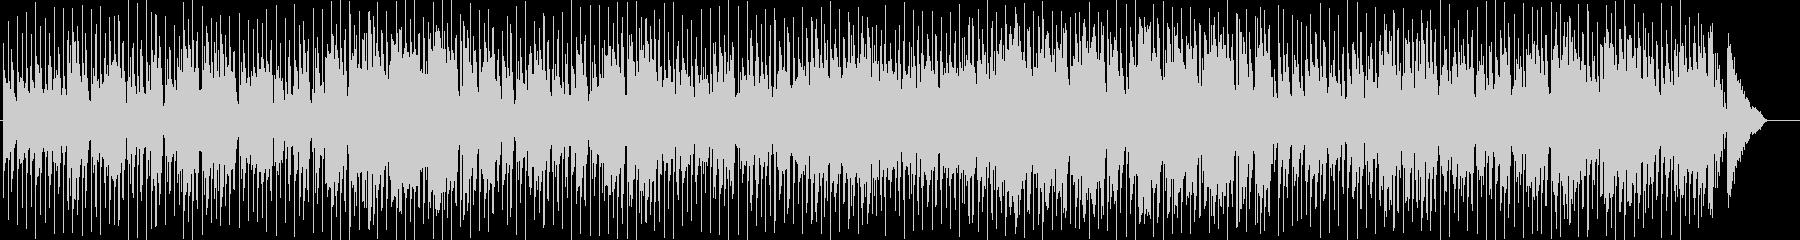 ミディアム・バラード系の洒落たサックスの未再生の波形